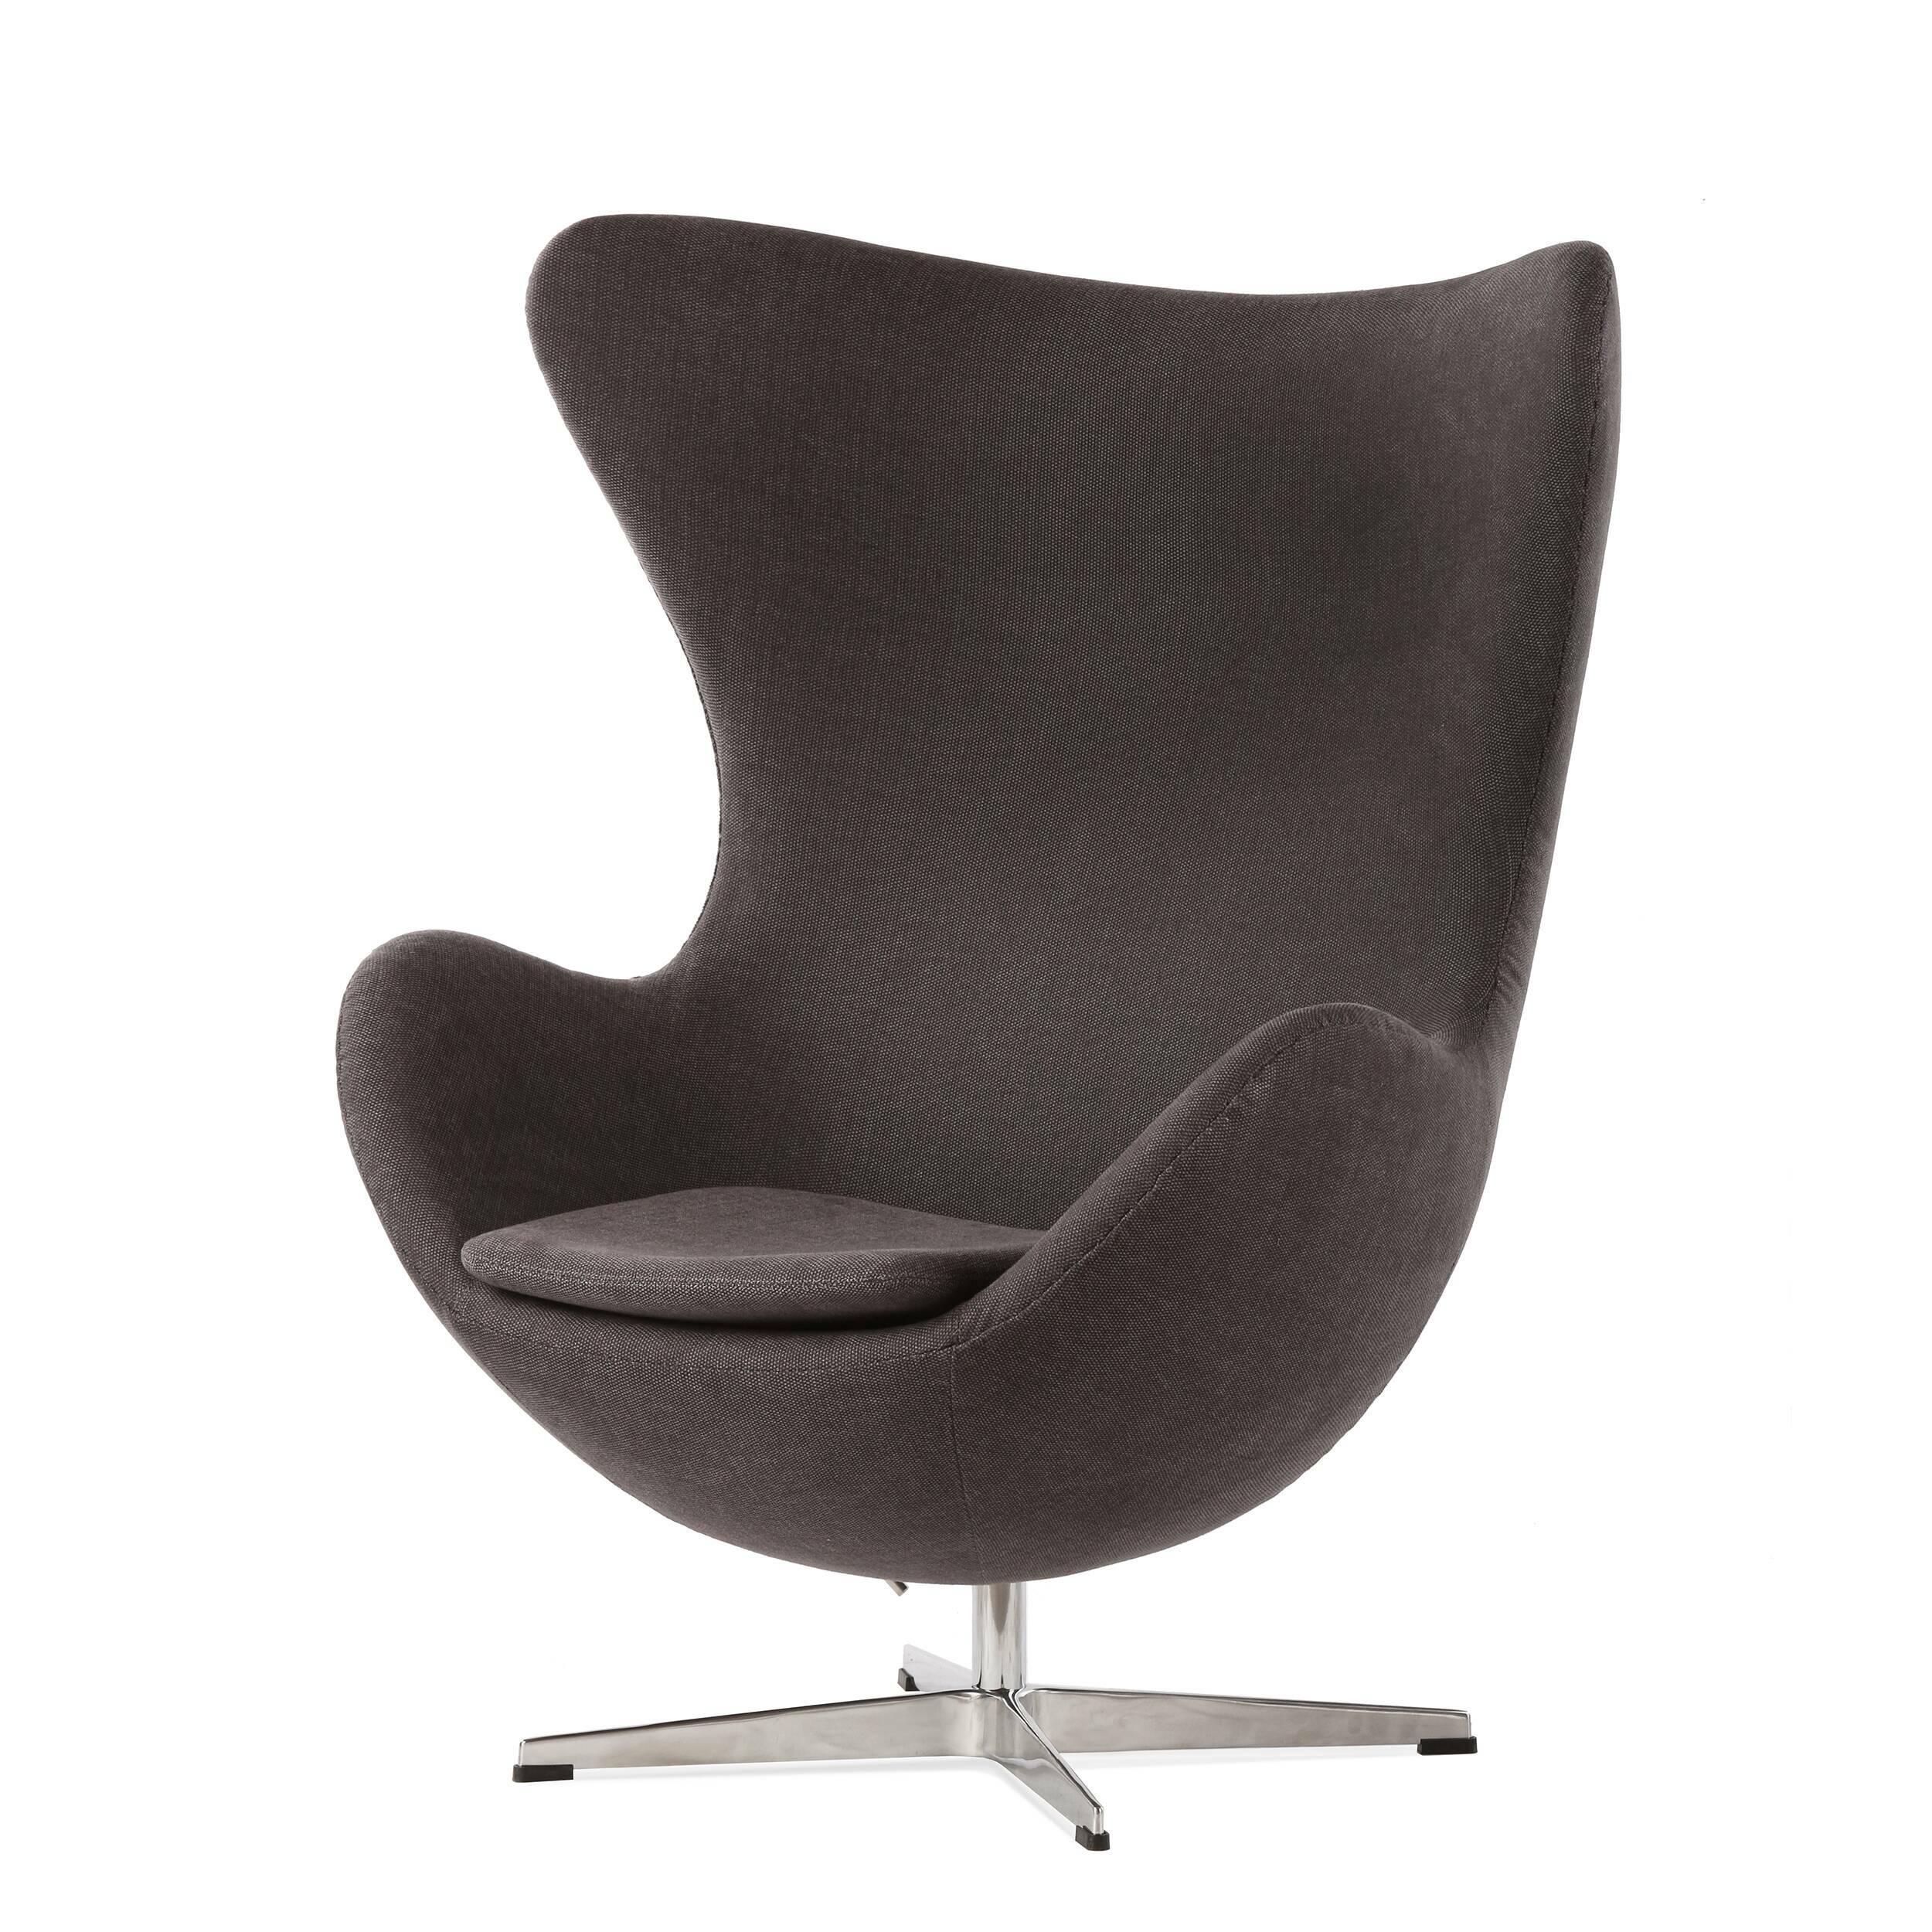 Кресло EggИнтерьерные<br>Дизайнерское комфортное кресло Egg (Эгг) в форме яйца на узкой ножке от Cosmo (Космо).<br><br><br> Кресло, своими очертаниями напоминающее яйцо, — одно из самых известных творений датского дизайнера Арне Якобсена. Вряд ли оно когда-нибудь выйдет из моды — уж слишком велик диапазон его интерьерных возможностей. Кроме того, обыгрывать данную форму помогают различные фактуры и цвета обивок.<br><br><br> Особенно приятно и солидно смотрится оригинальное кресло Egg в обивке из натуральной кожи, представлен...<br><br>stock: 2<br>Высота: 105,5<br>Высота сиденья: 41<br>Ширина: 87<br>Глубина: 82<br>Цвет ножек: Хром<br>Материал обивки: Хлопок<br>Коллекция ткани: Charles Fabric<br>Тип материала обивки: Ткань<br>Тип материала ножек: Алюминий<br>Цвет обивки: Темно-серый